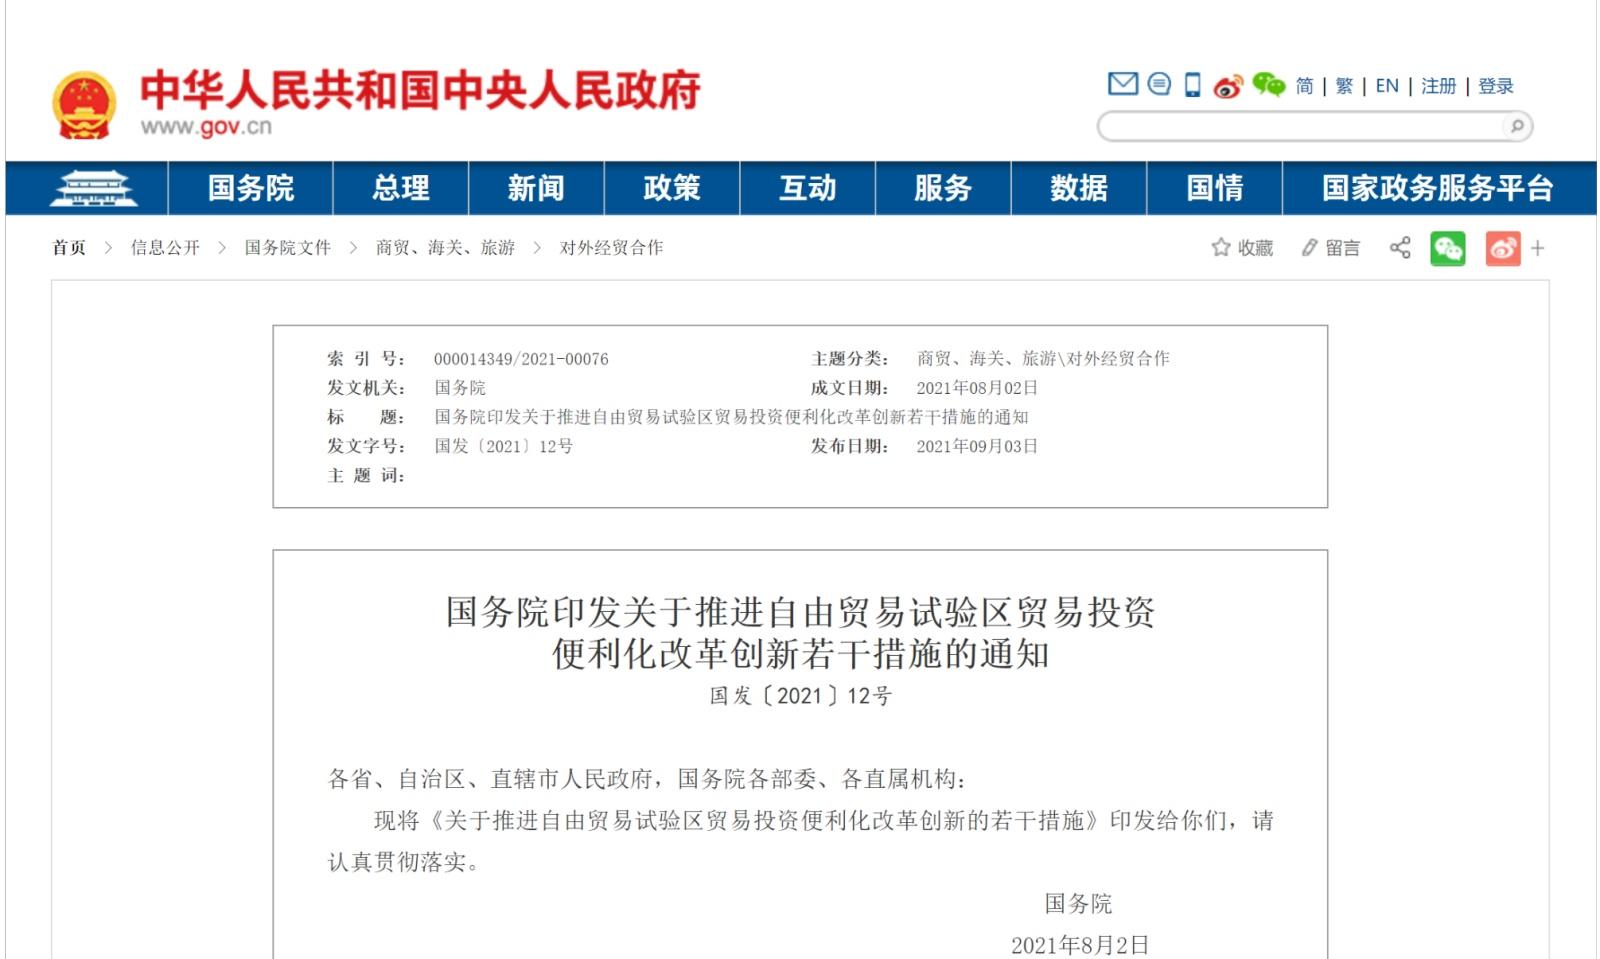 《【2号站在线平台】国务院:加快引入境外交易者参与期货交易 开展进口贸易创新》